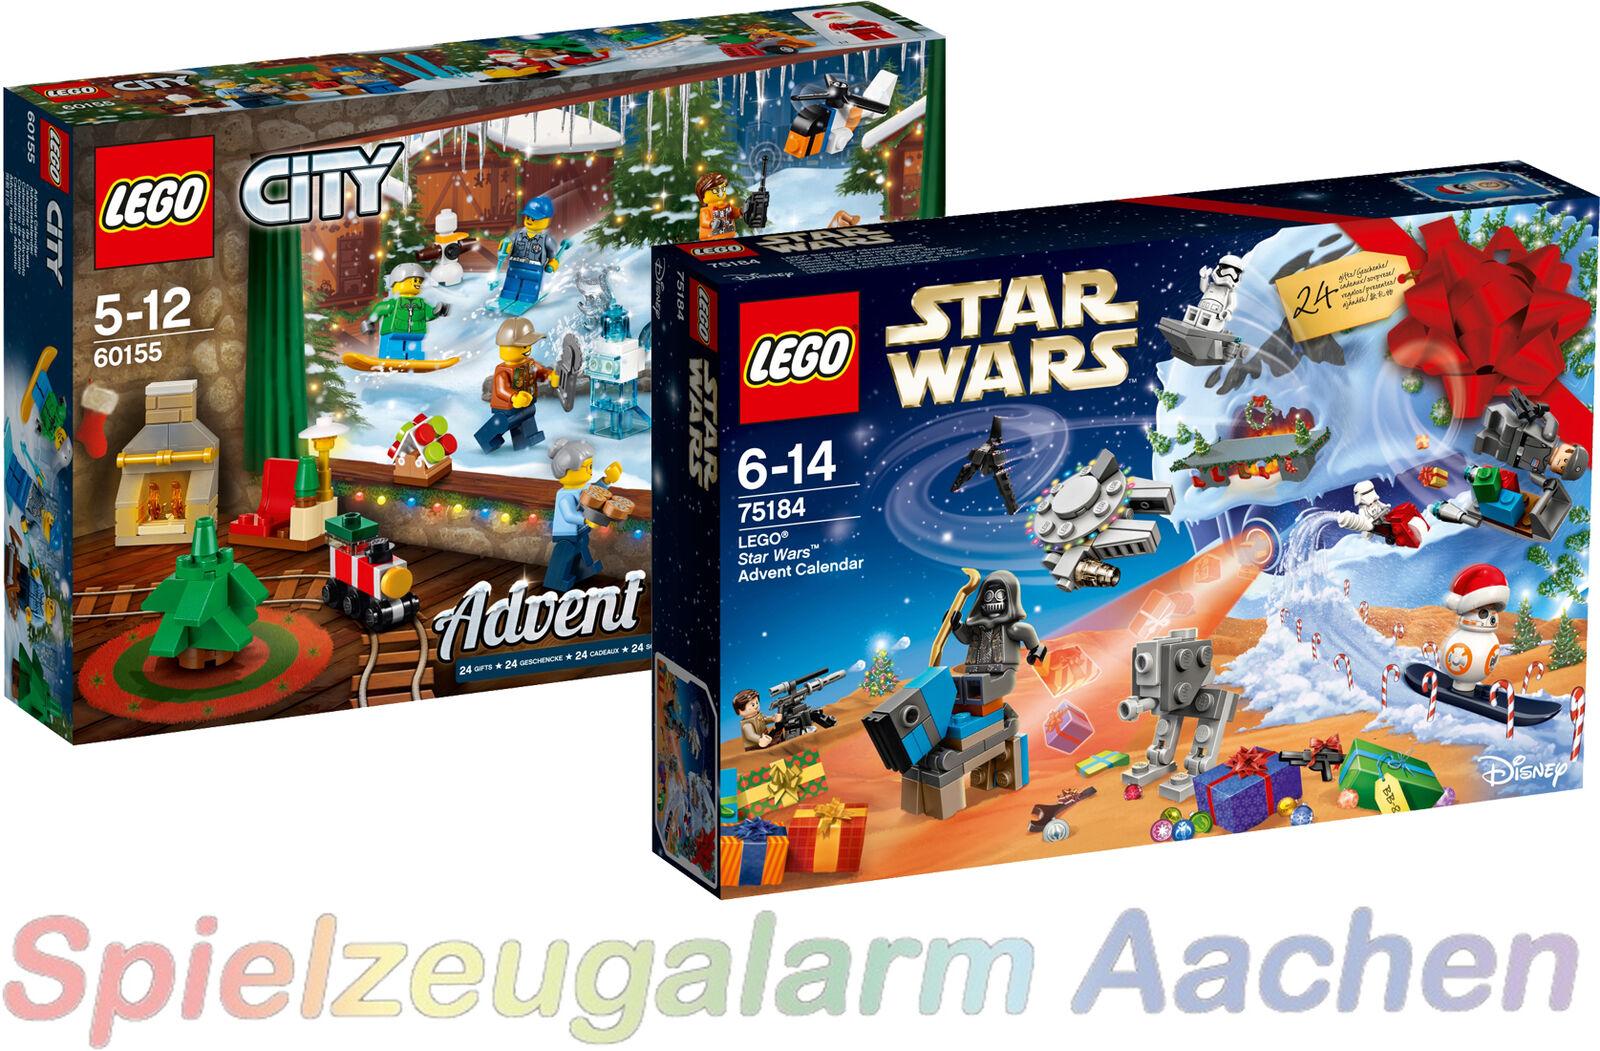 LEGO ® CALENDRIER DE L'AVENT CITY CITY CITY 60155  75184 Star Wars ADVENT CALENDAR 2017 | Outlet Online Store  0868e0